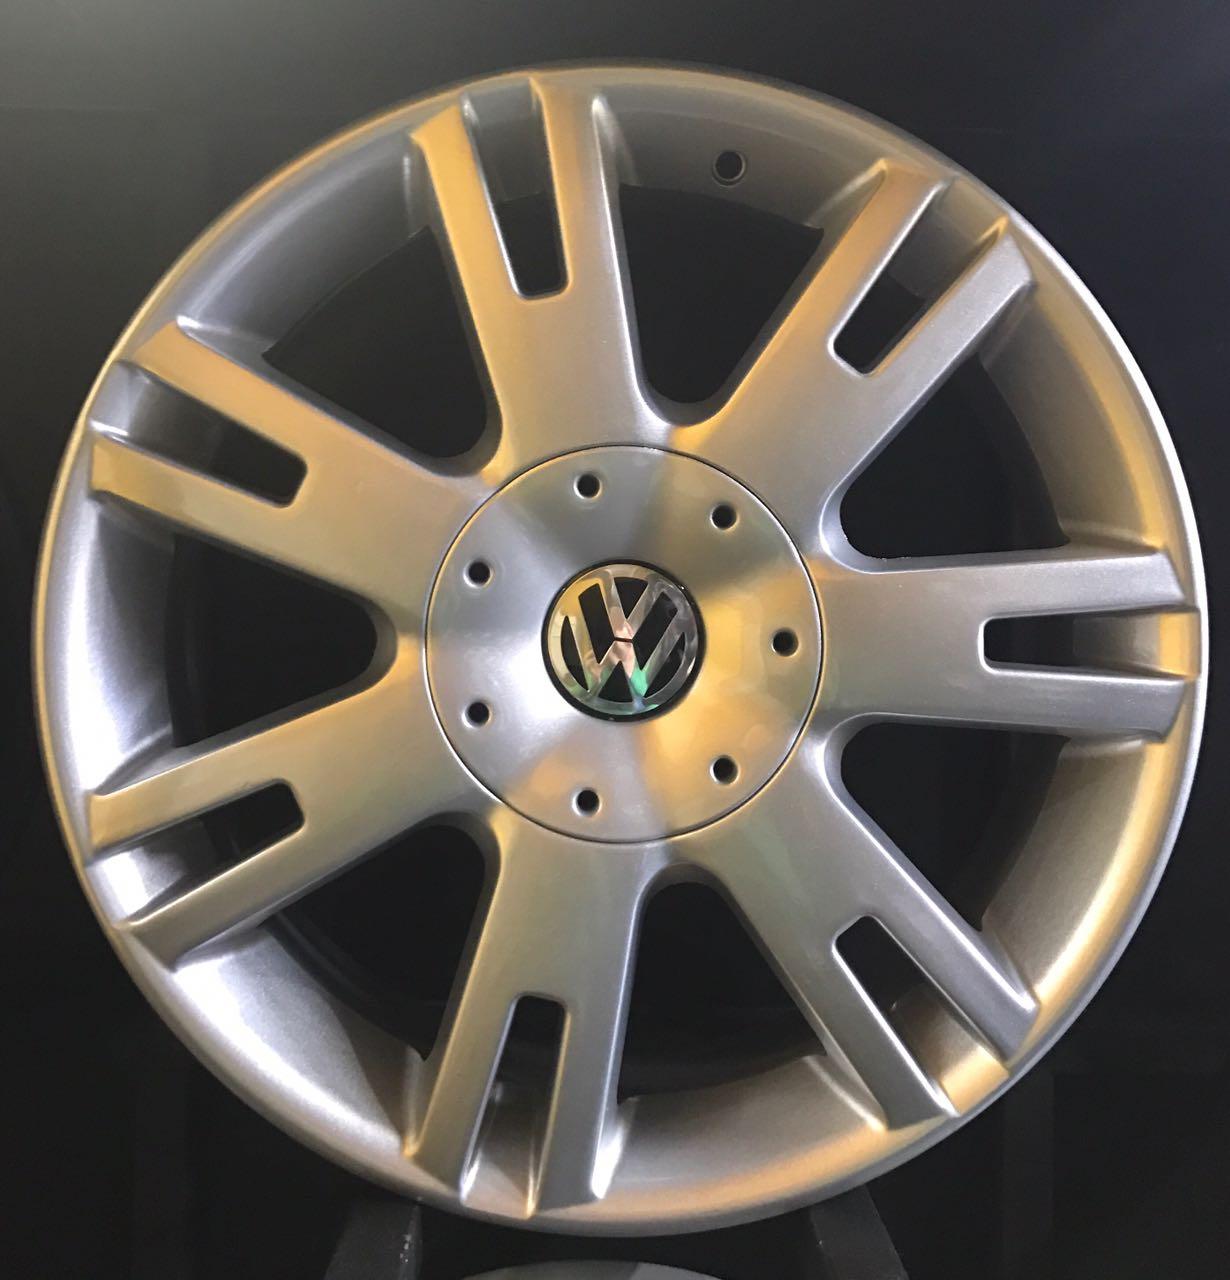 JOGO DE RODA VW MODELO TOUAREG ARO 18 ZK750